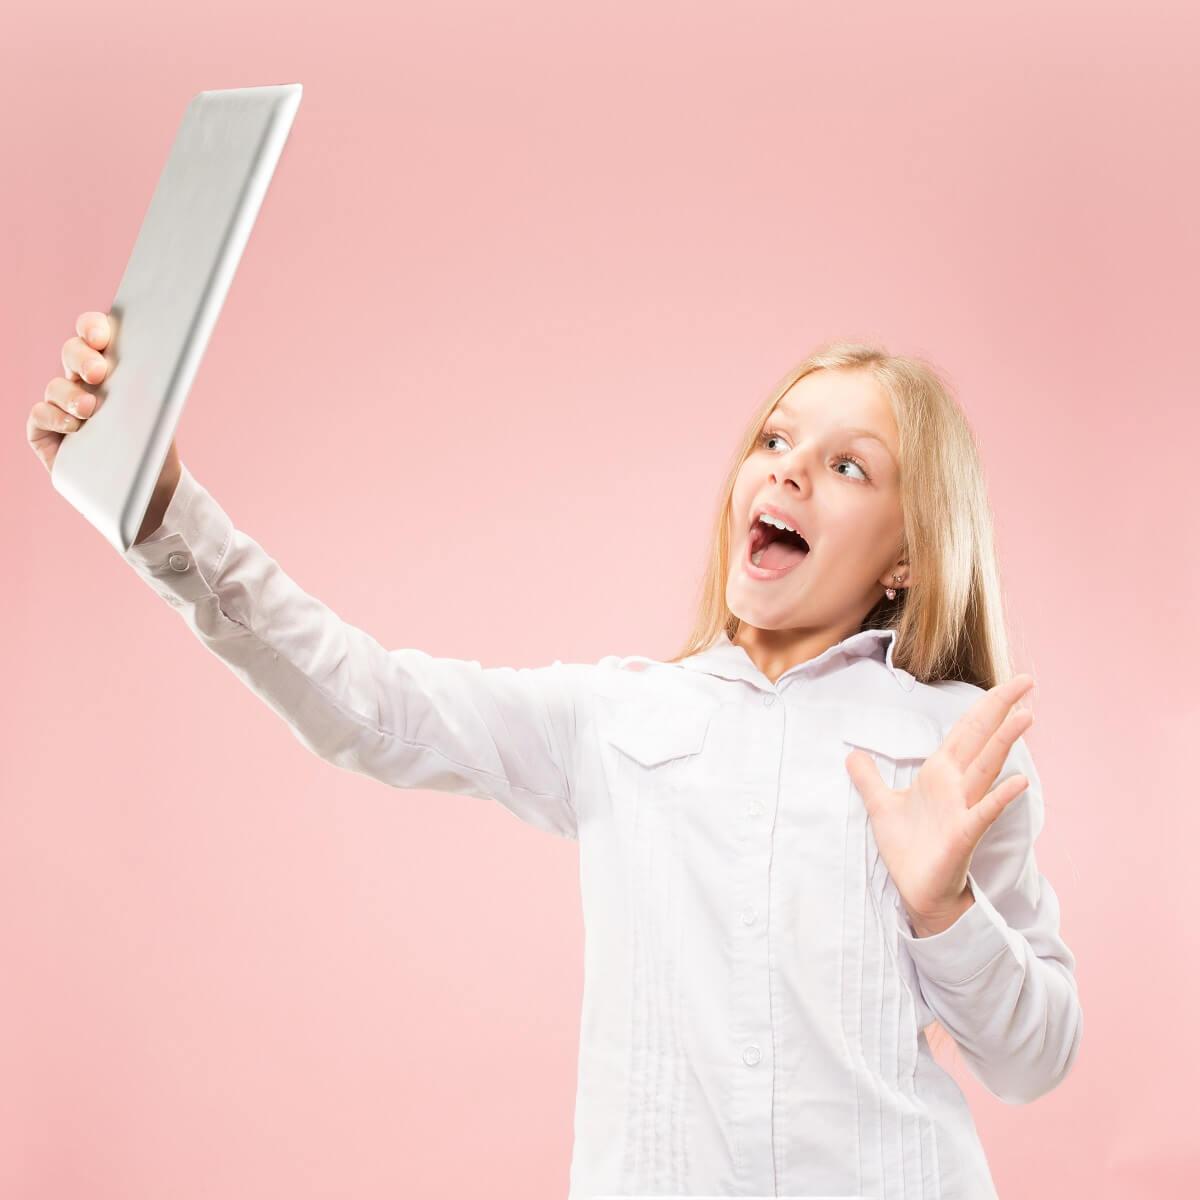 ノートパソコンを持っているうれしそうな少女。